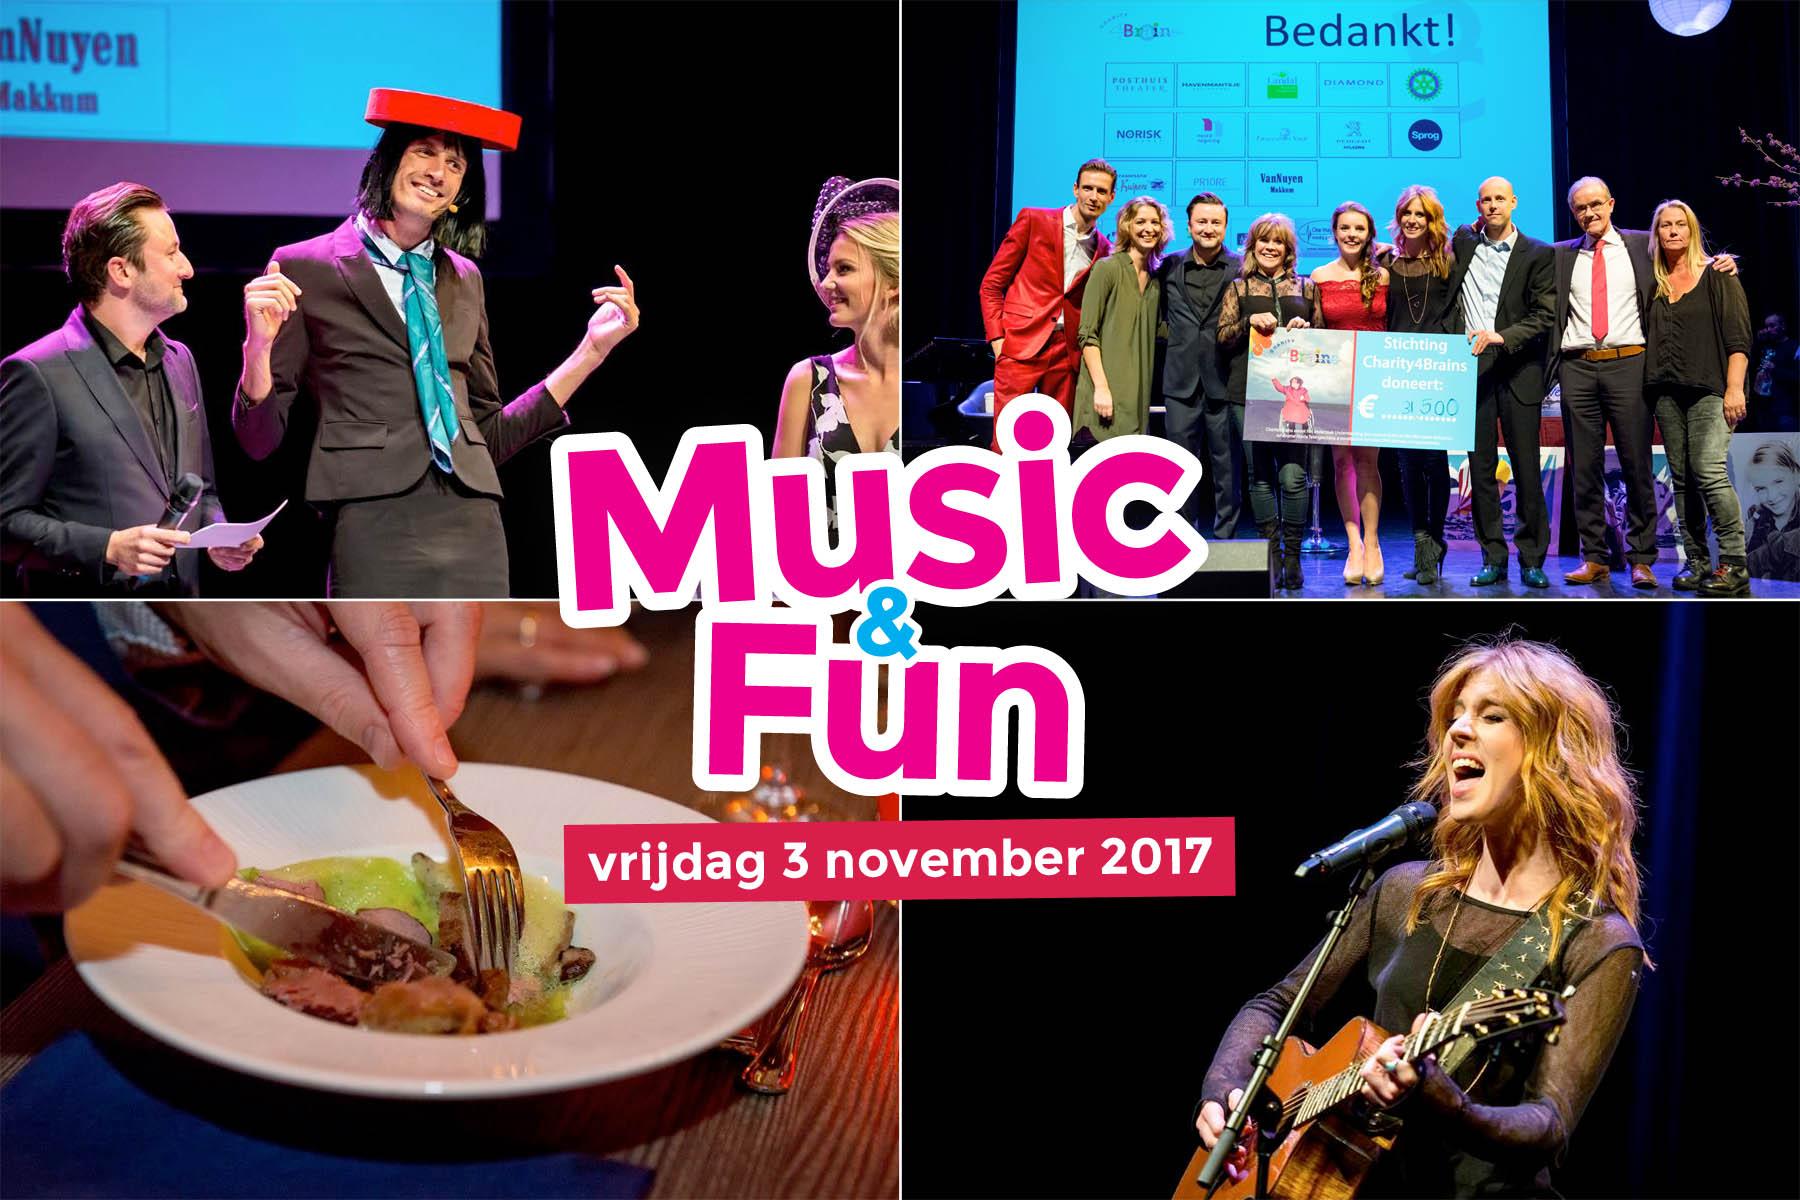 Music & Fun 2017